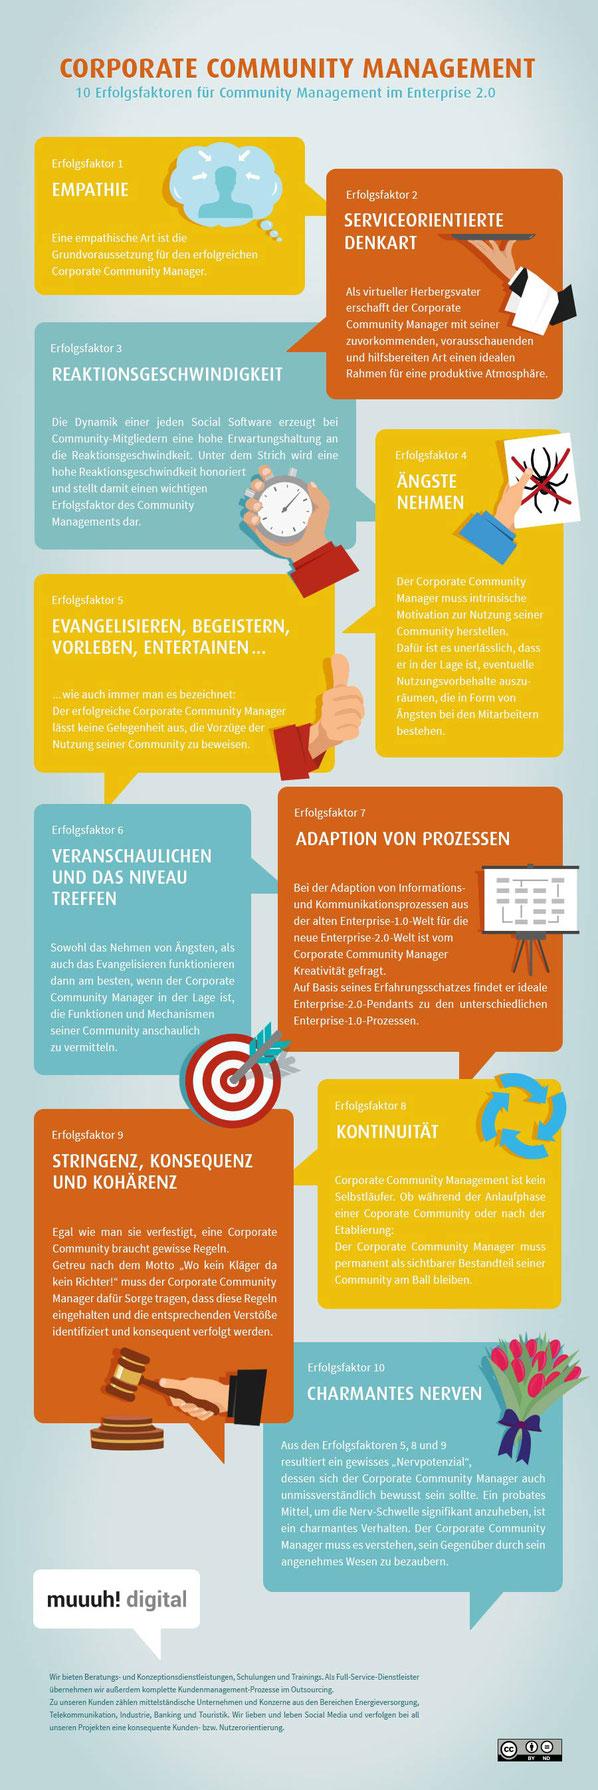 10 Erfolgsfaktoren für Community Management